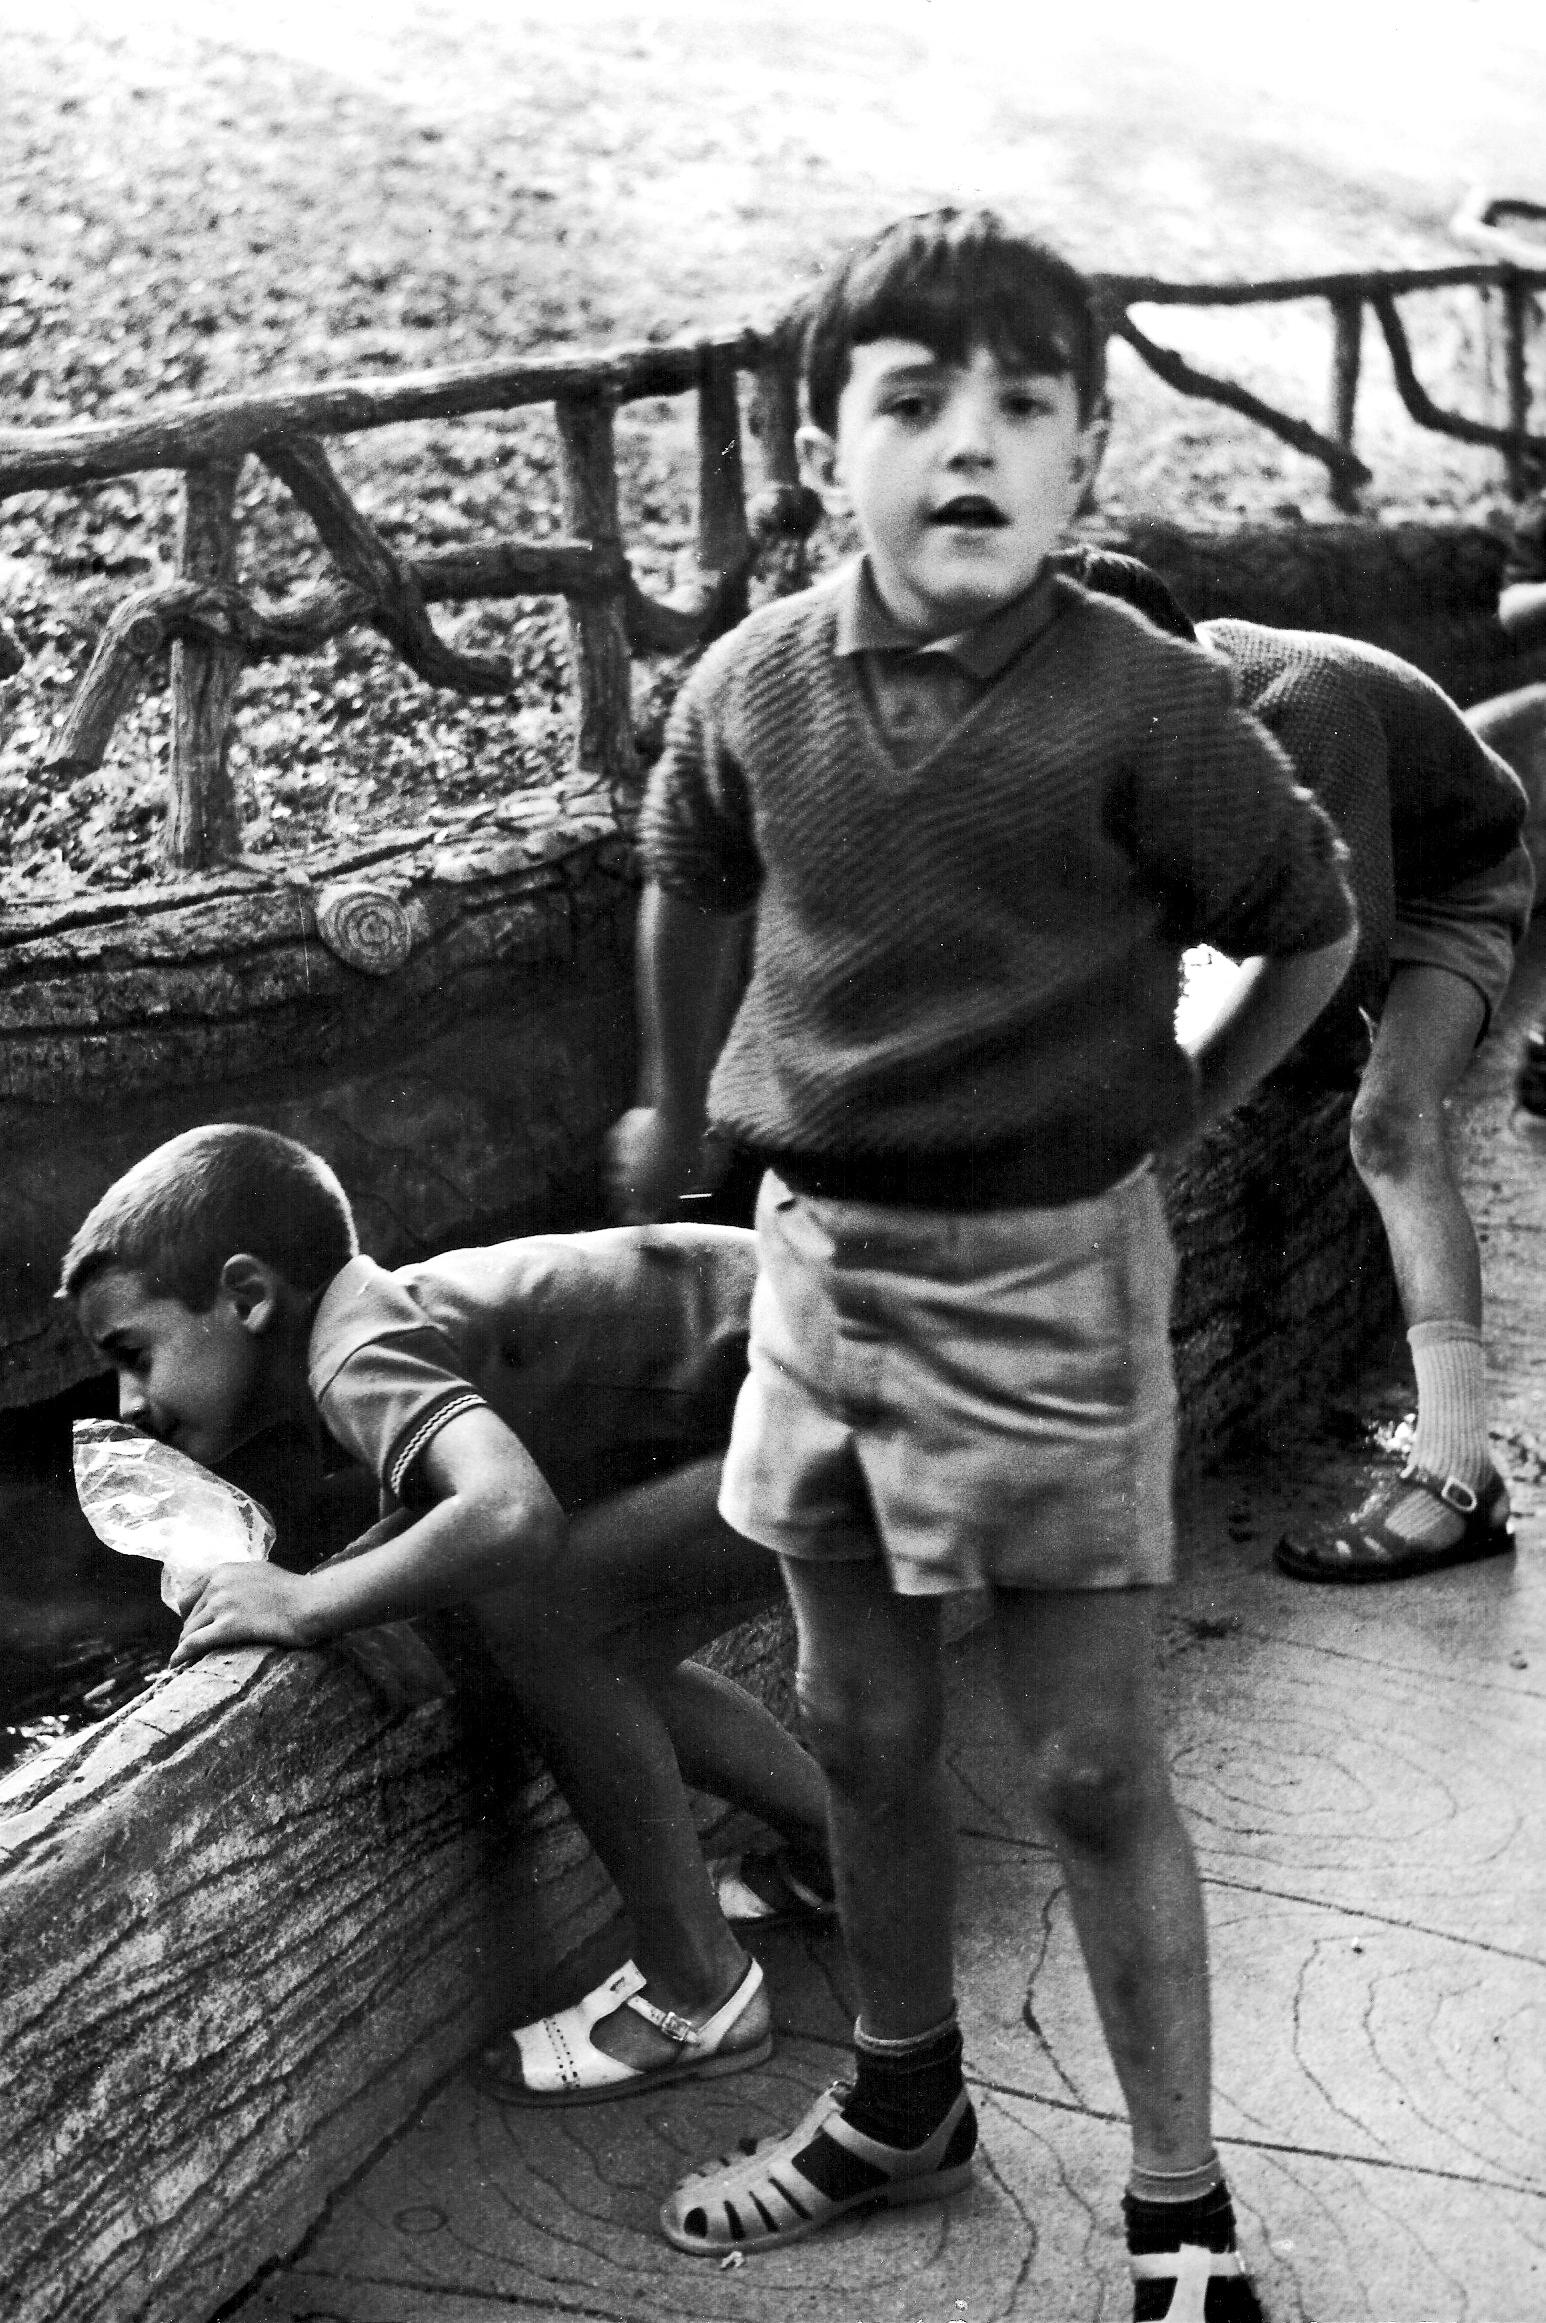 Jeux d'enfants (années 60)